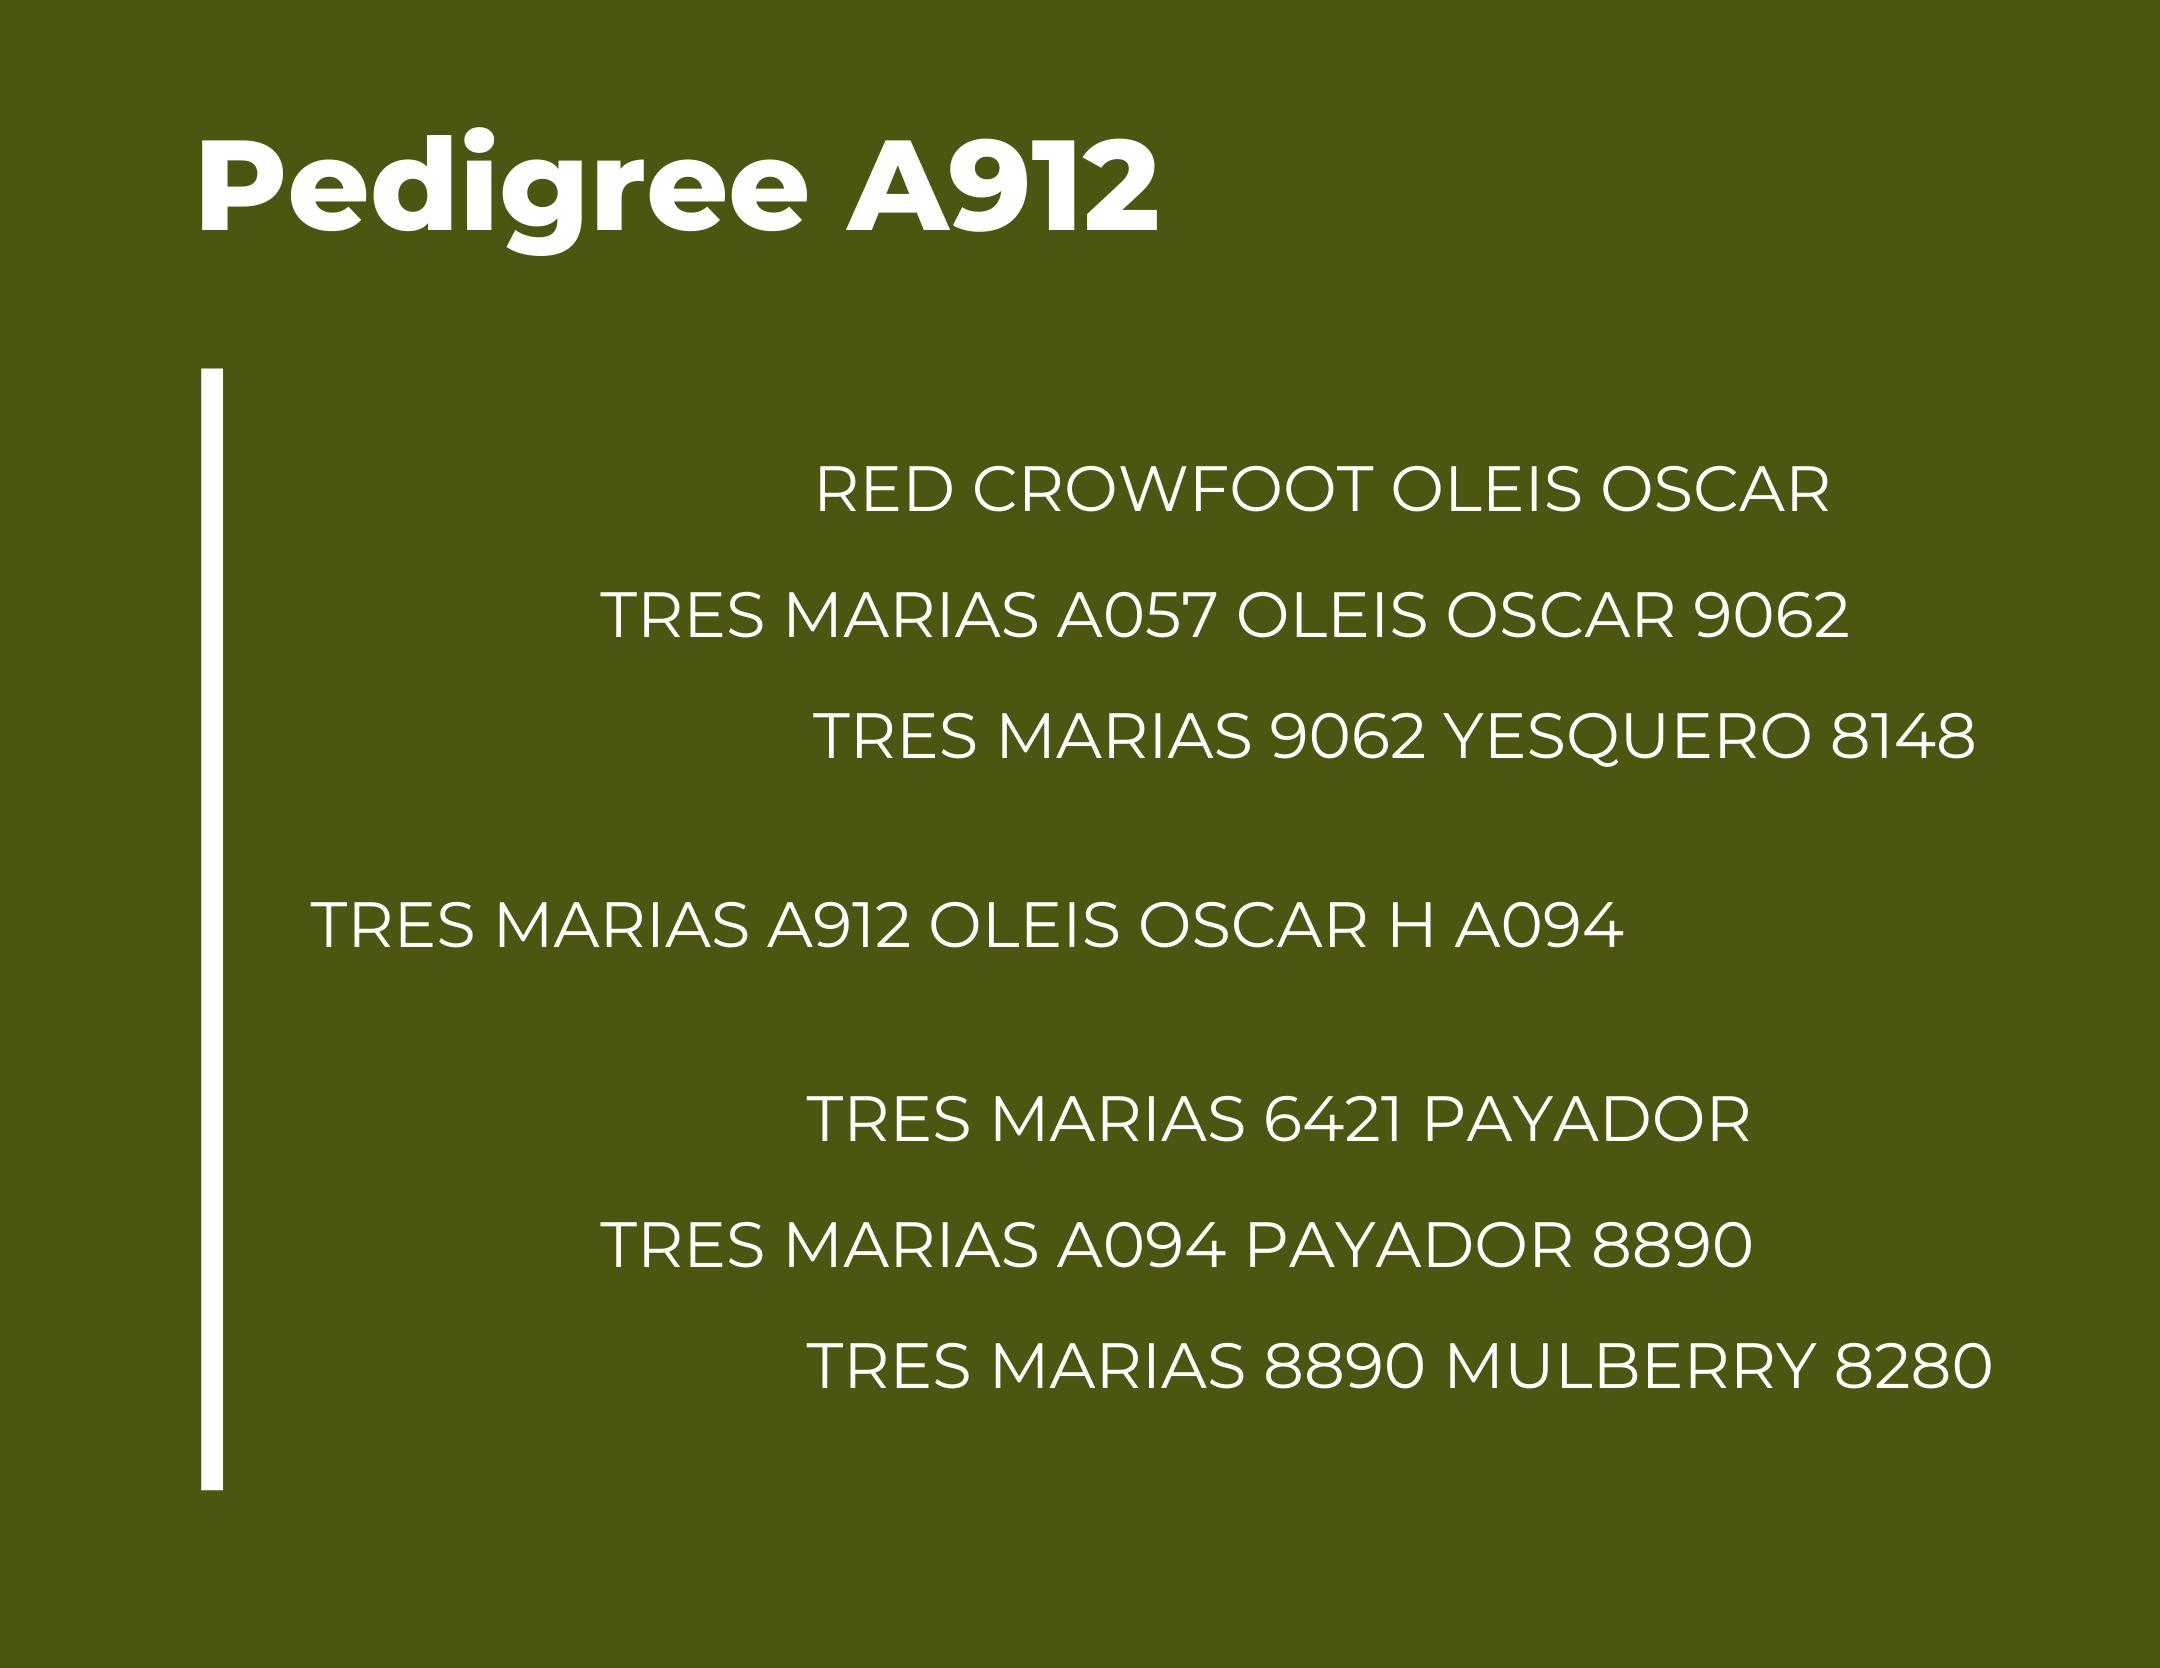 TM A912